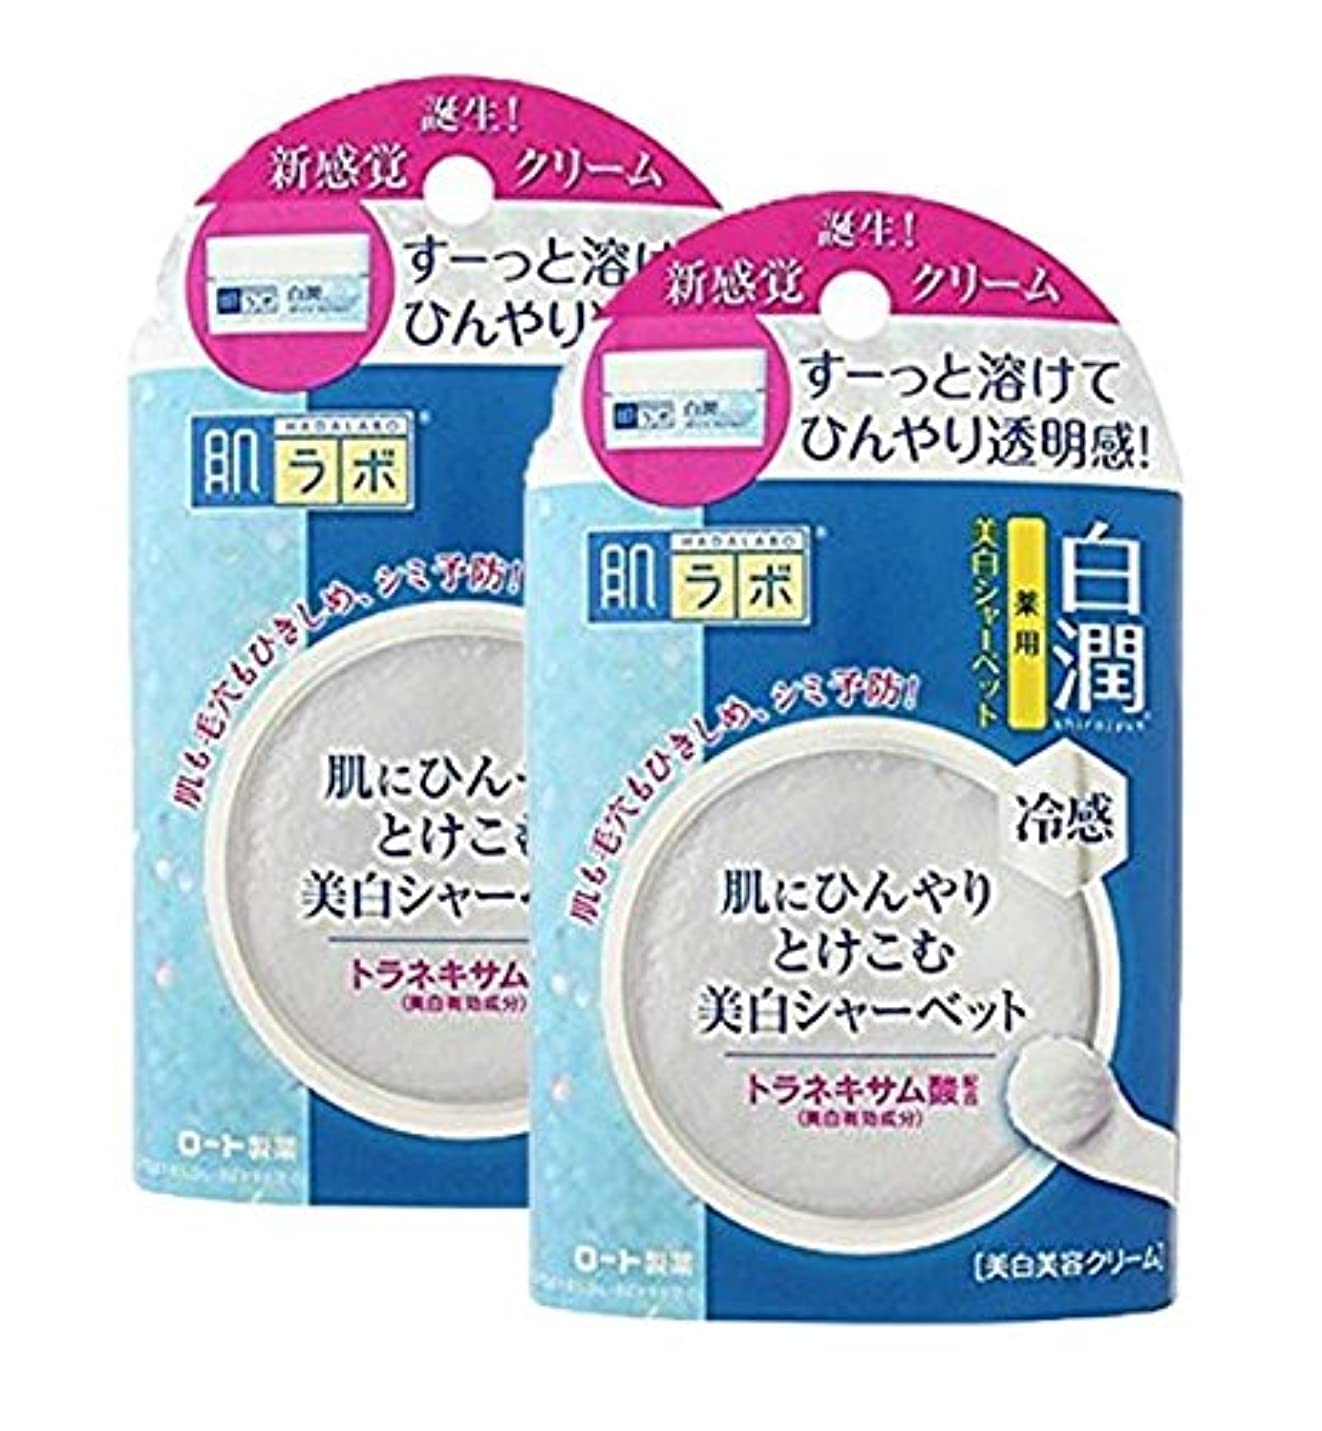 建設マート有効な肌ラボ 白潤 冷感美白シャーベット30g (医薬部外品)×2